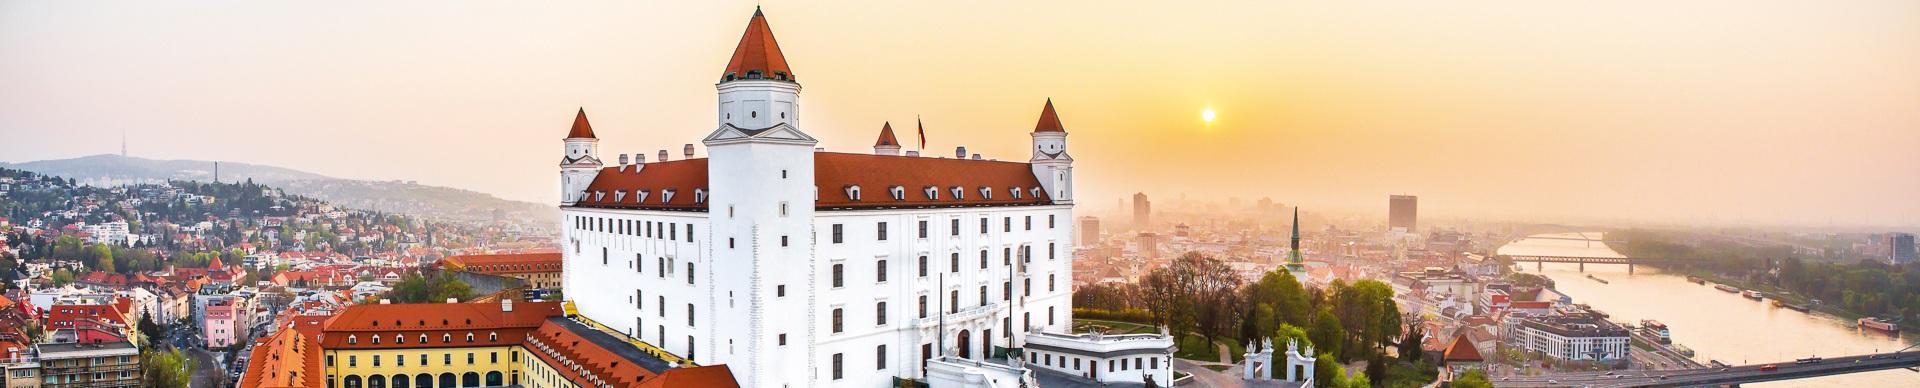 Bratislava - Martin Sloboda